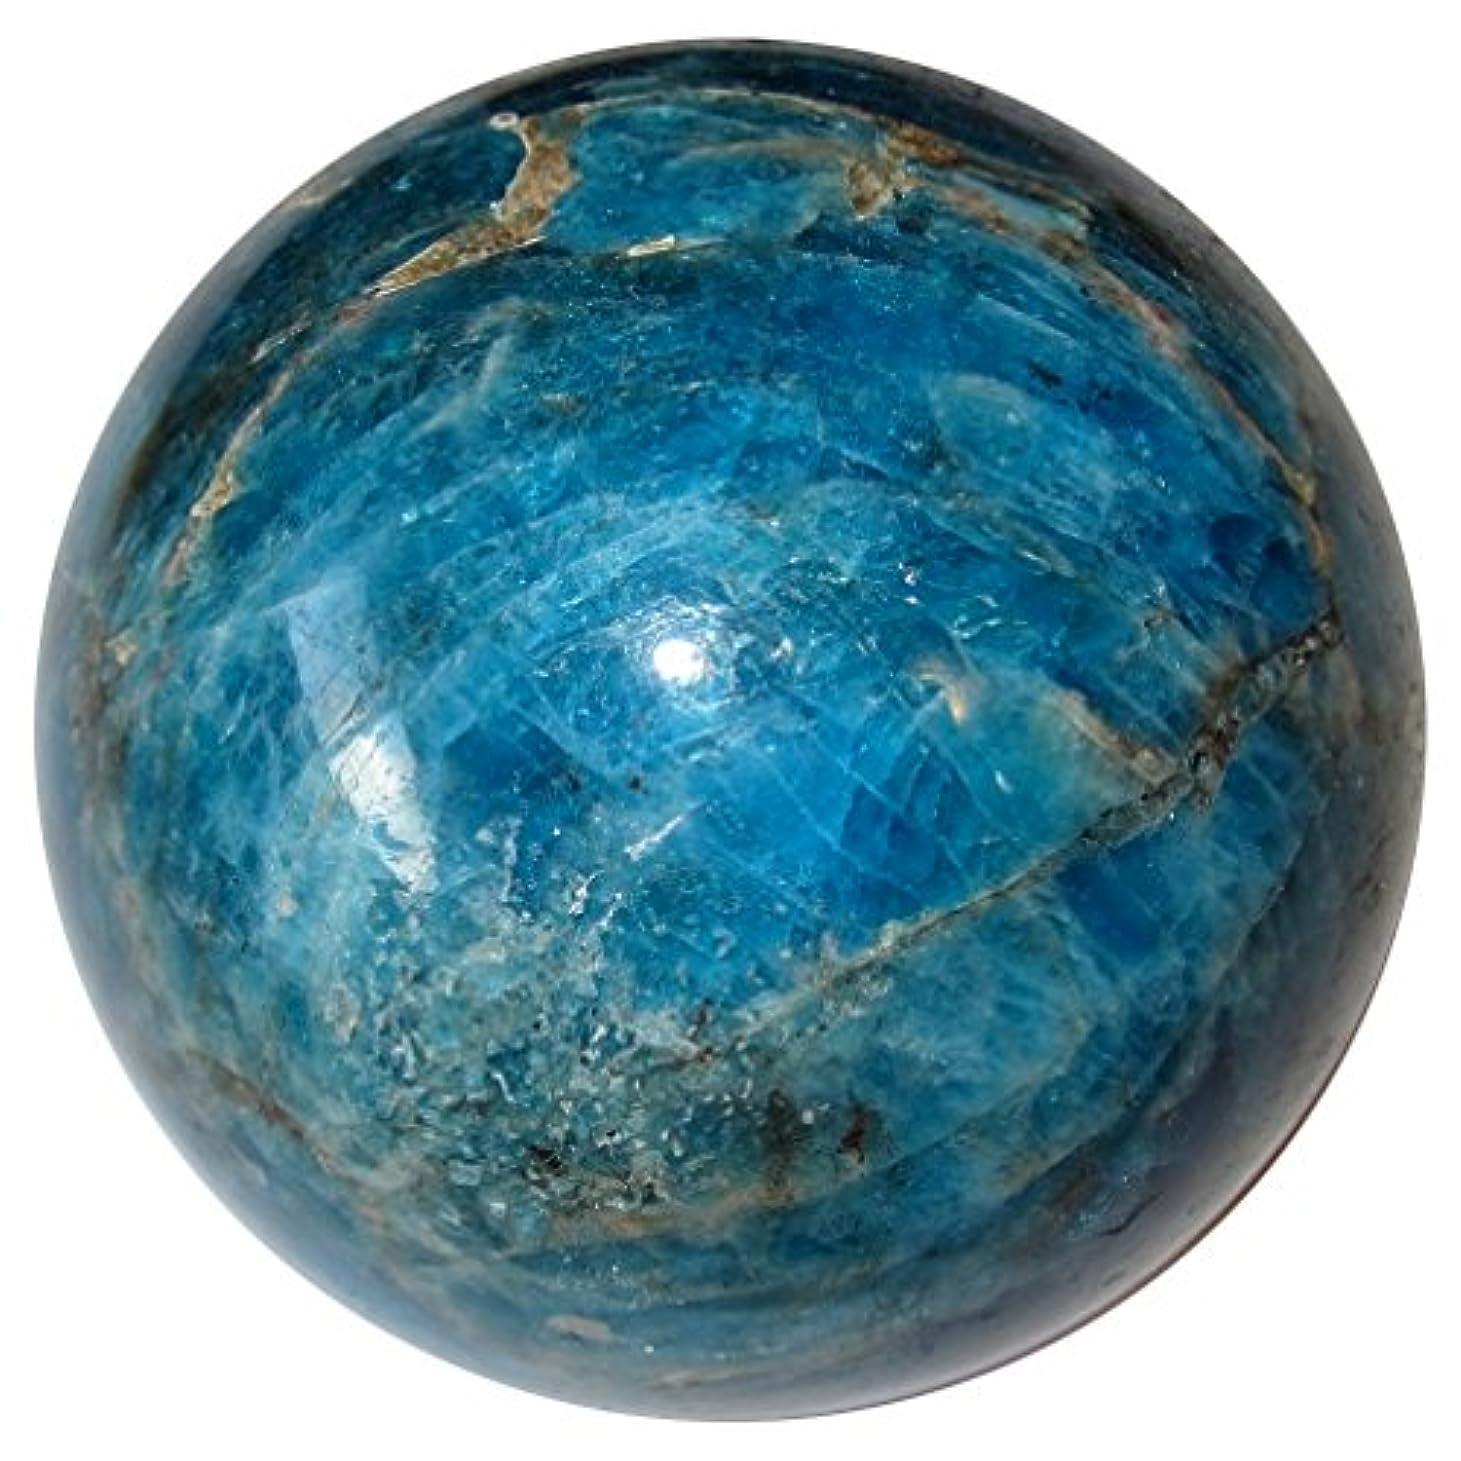 シールド団結計り知れないアパタイトボール68 IntenseリッチTealブルークリスタルHealing球Weight Lossエネルギーストーンマダガスカル2.1